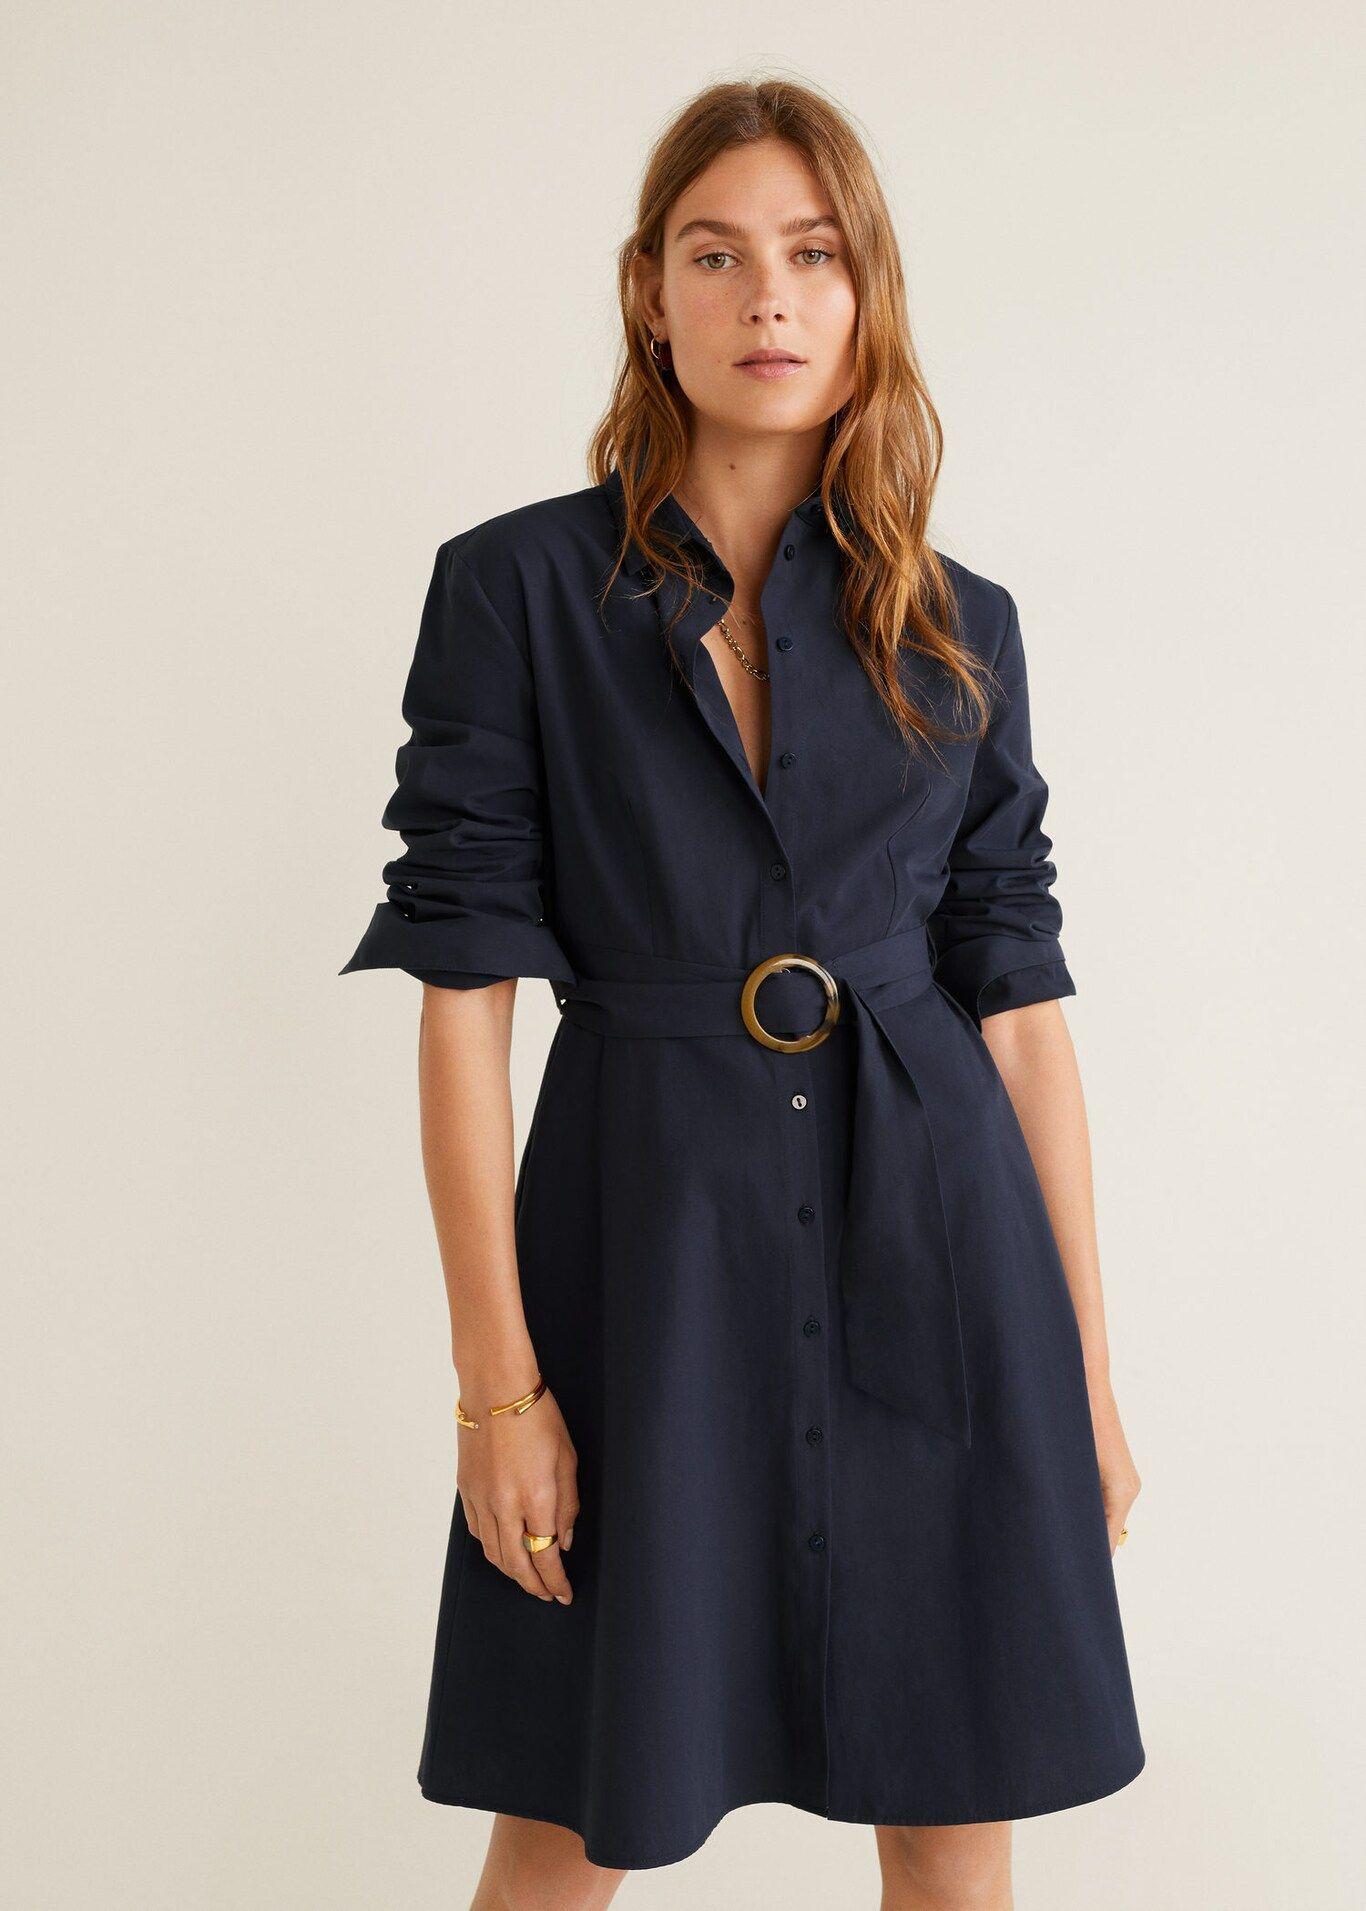 Skjortekjole med belte Damer   Mango Norge   Skjortekjole